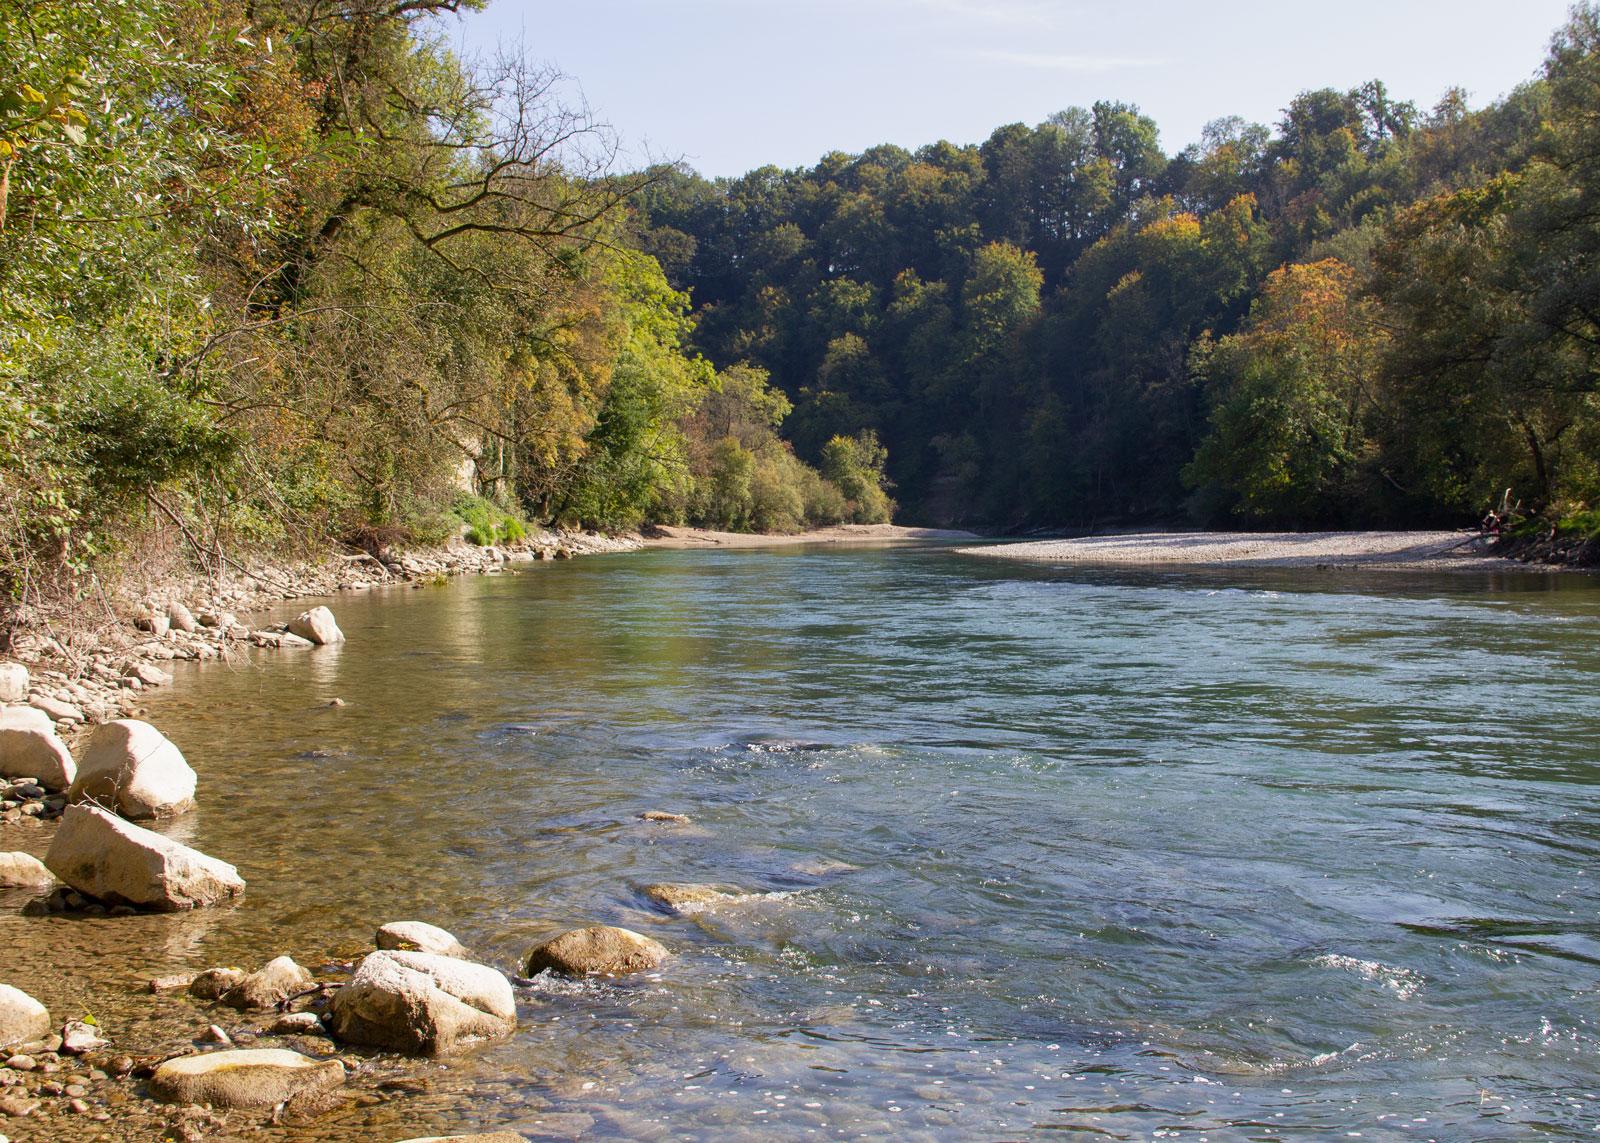 Wer den Wohlensee nicht befahren möchte, findet am linken Ufer vor der Felsenaubrücke gute Ausstiegsmöglichkeiten. Eine Bushaltestelle gibt es gleich neben der Brücke